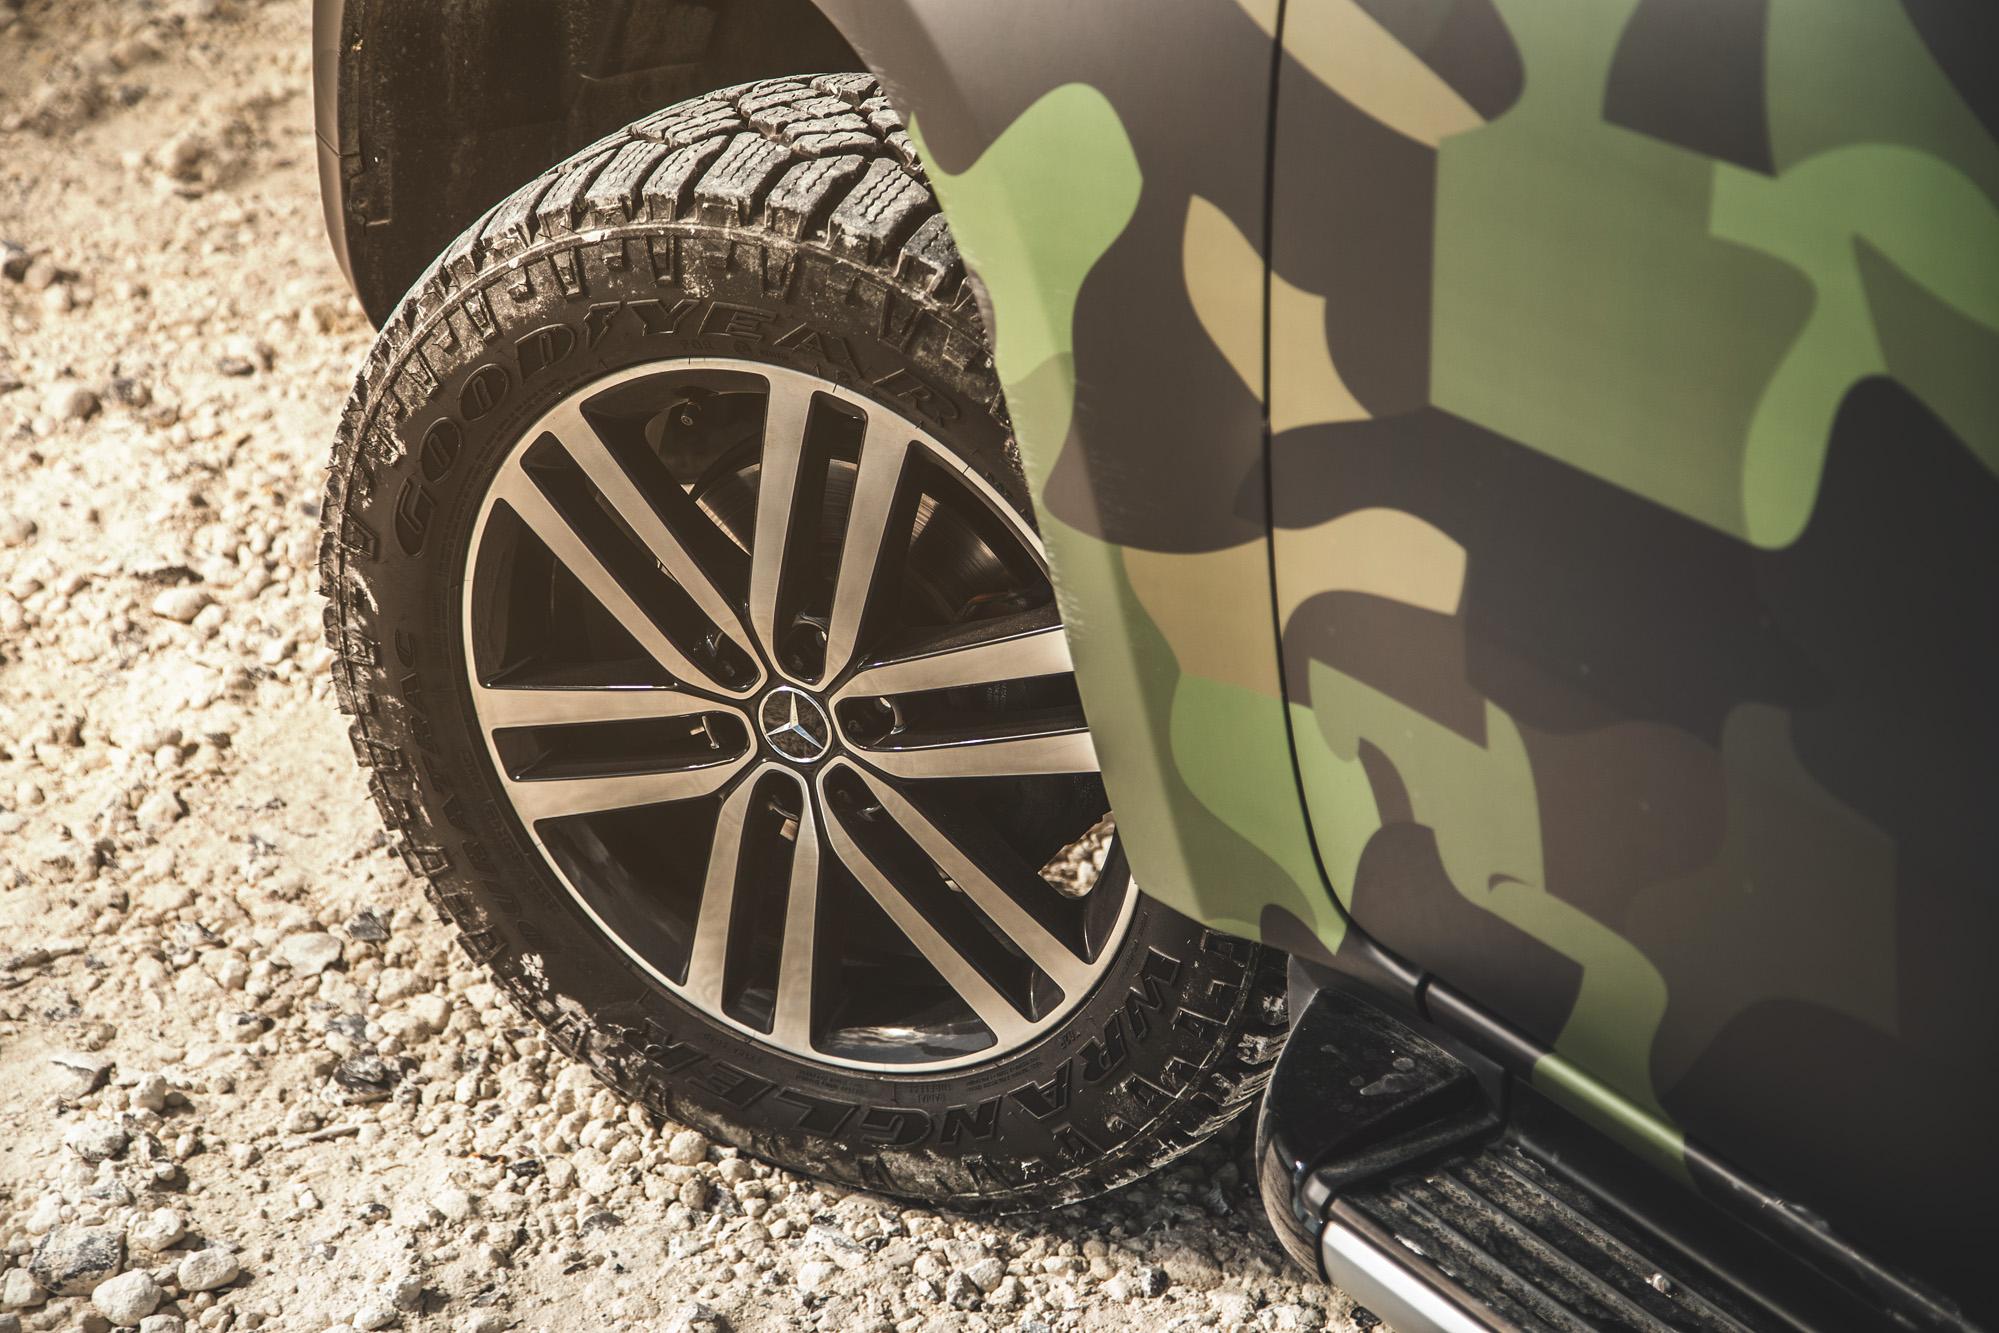 Mercedes_X-class_07_Lars_Krogsgaard.jpg